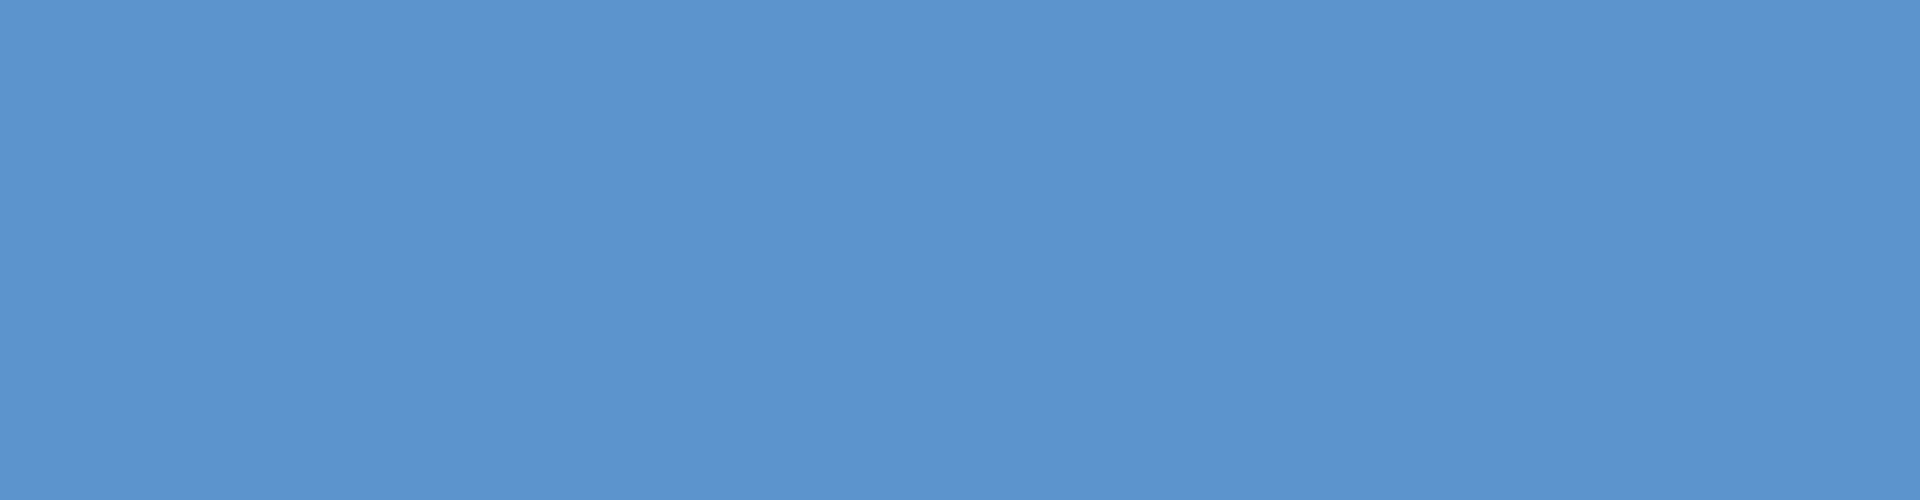 Plain Blue Banner.jpg